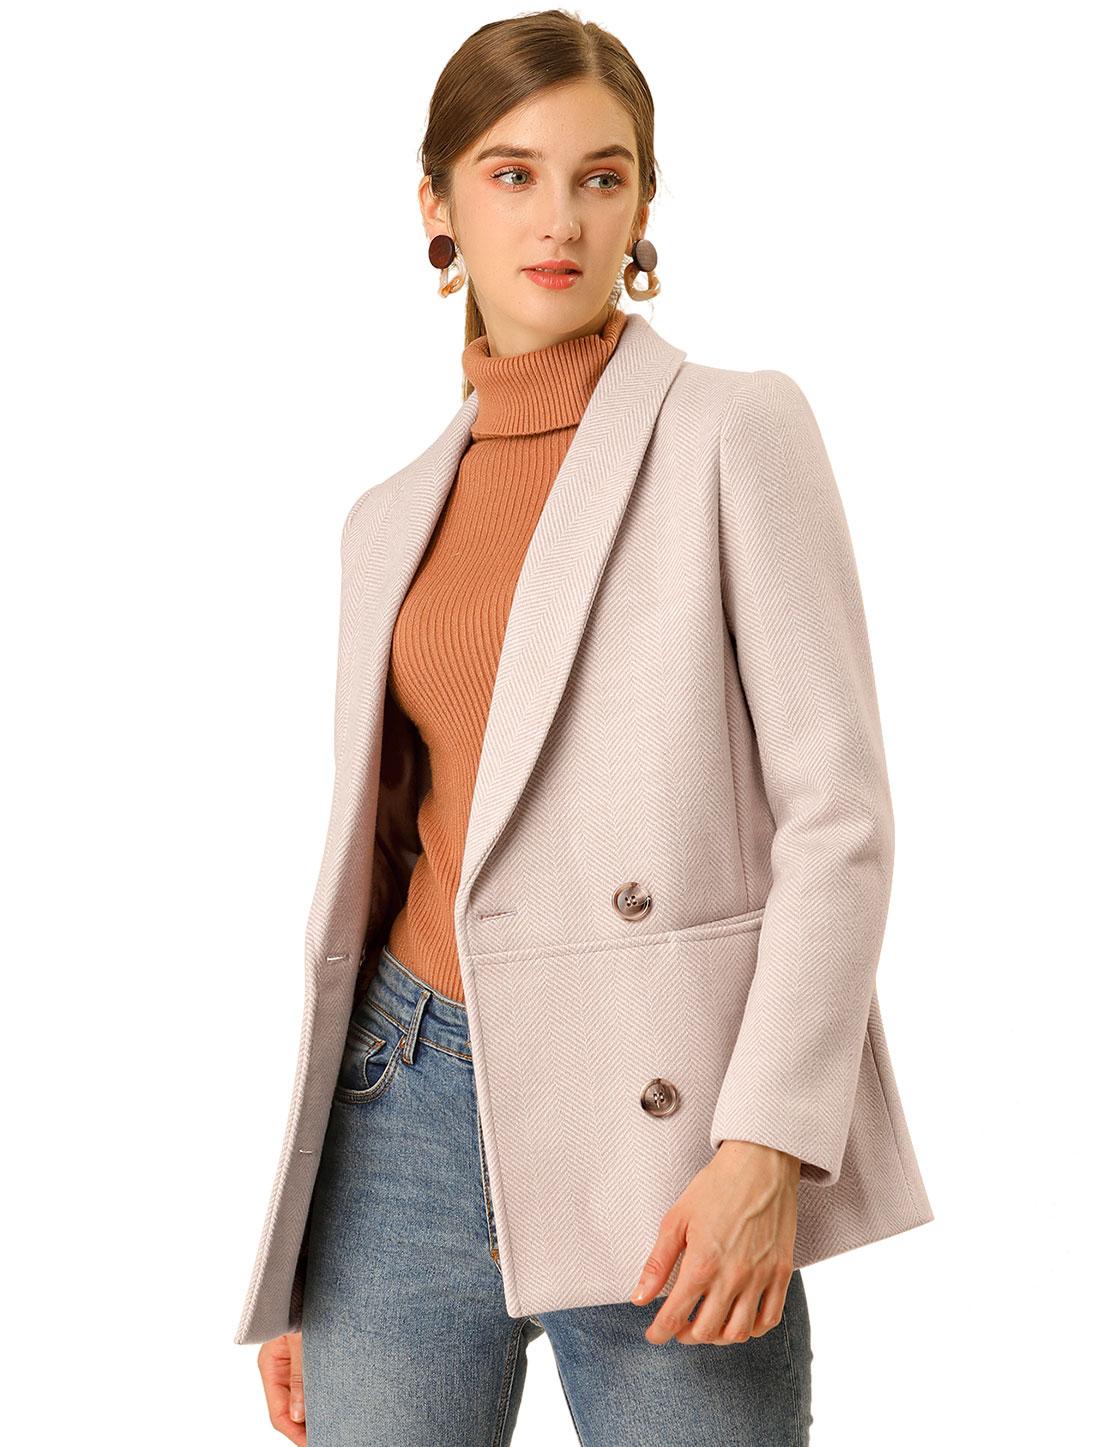 Women's Double Breasted Chevron Pattern Short Pea Coat Beige Pink L